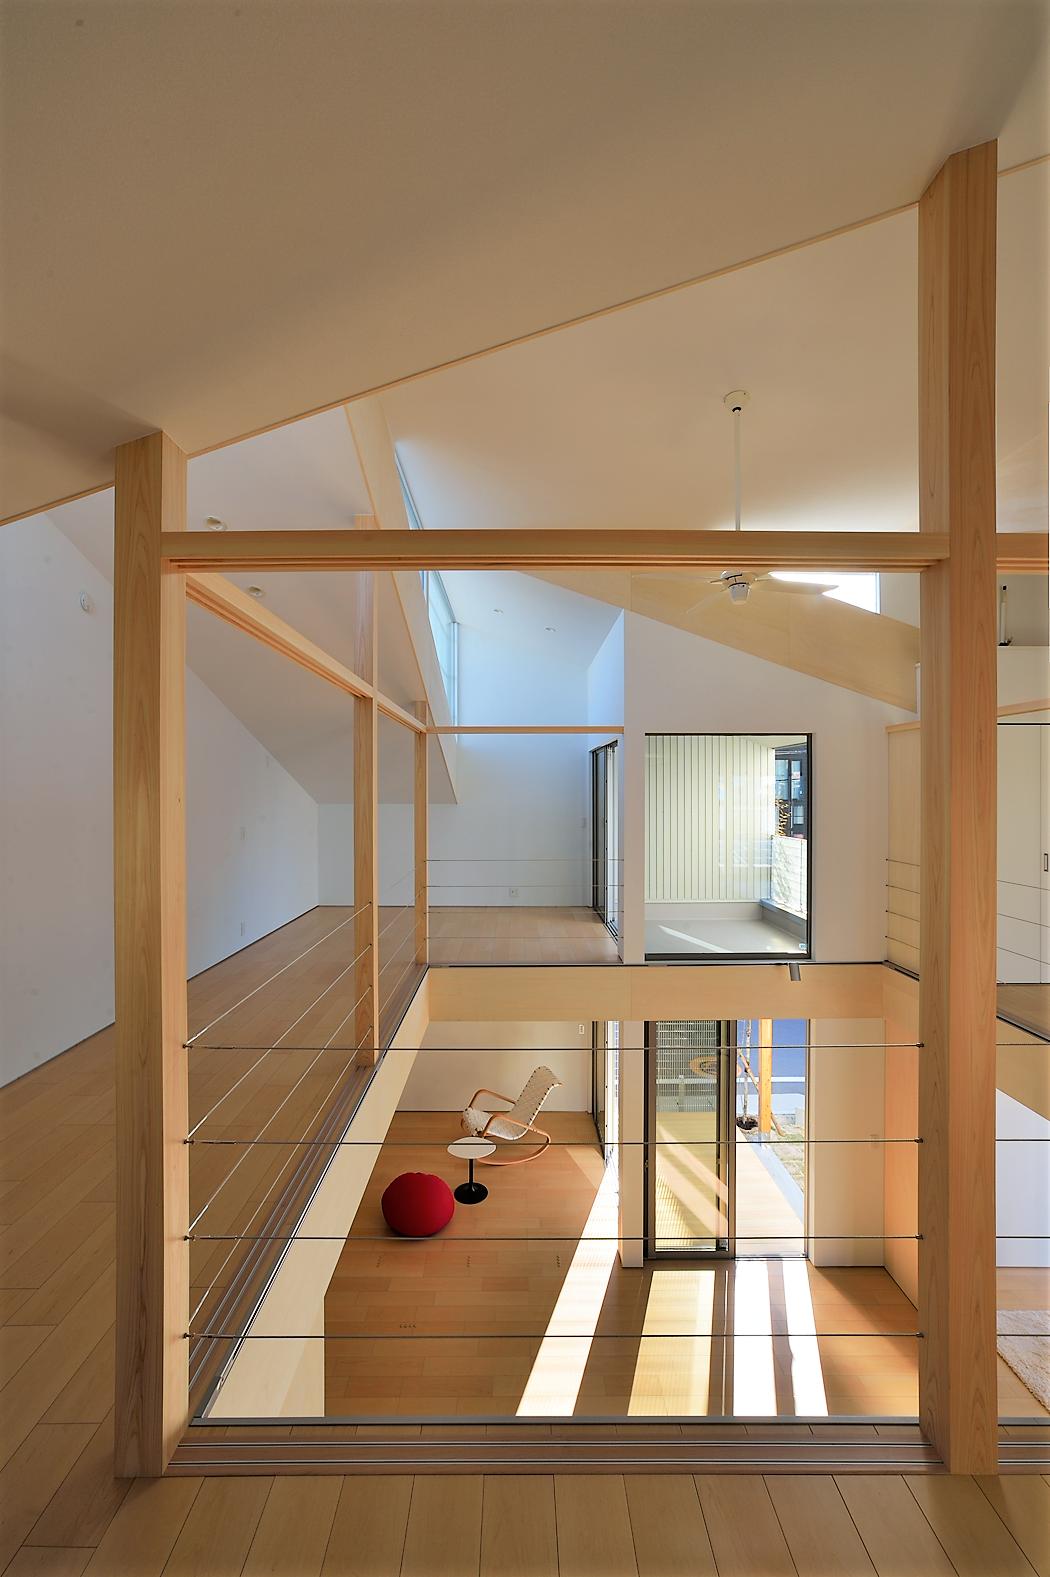 吹き抜けと勾配天井の組み合わせで さらに空間の広がりを演出 ルポハウス 設計士とつくる家 注文住宅 デザインハウス 自由設計 マイホーム 家づくり 施工事例 滋賀 おしゃれ 吹抜け ハウスデザイン リビング 中庭 注文住宅